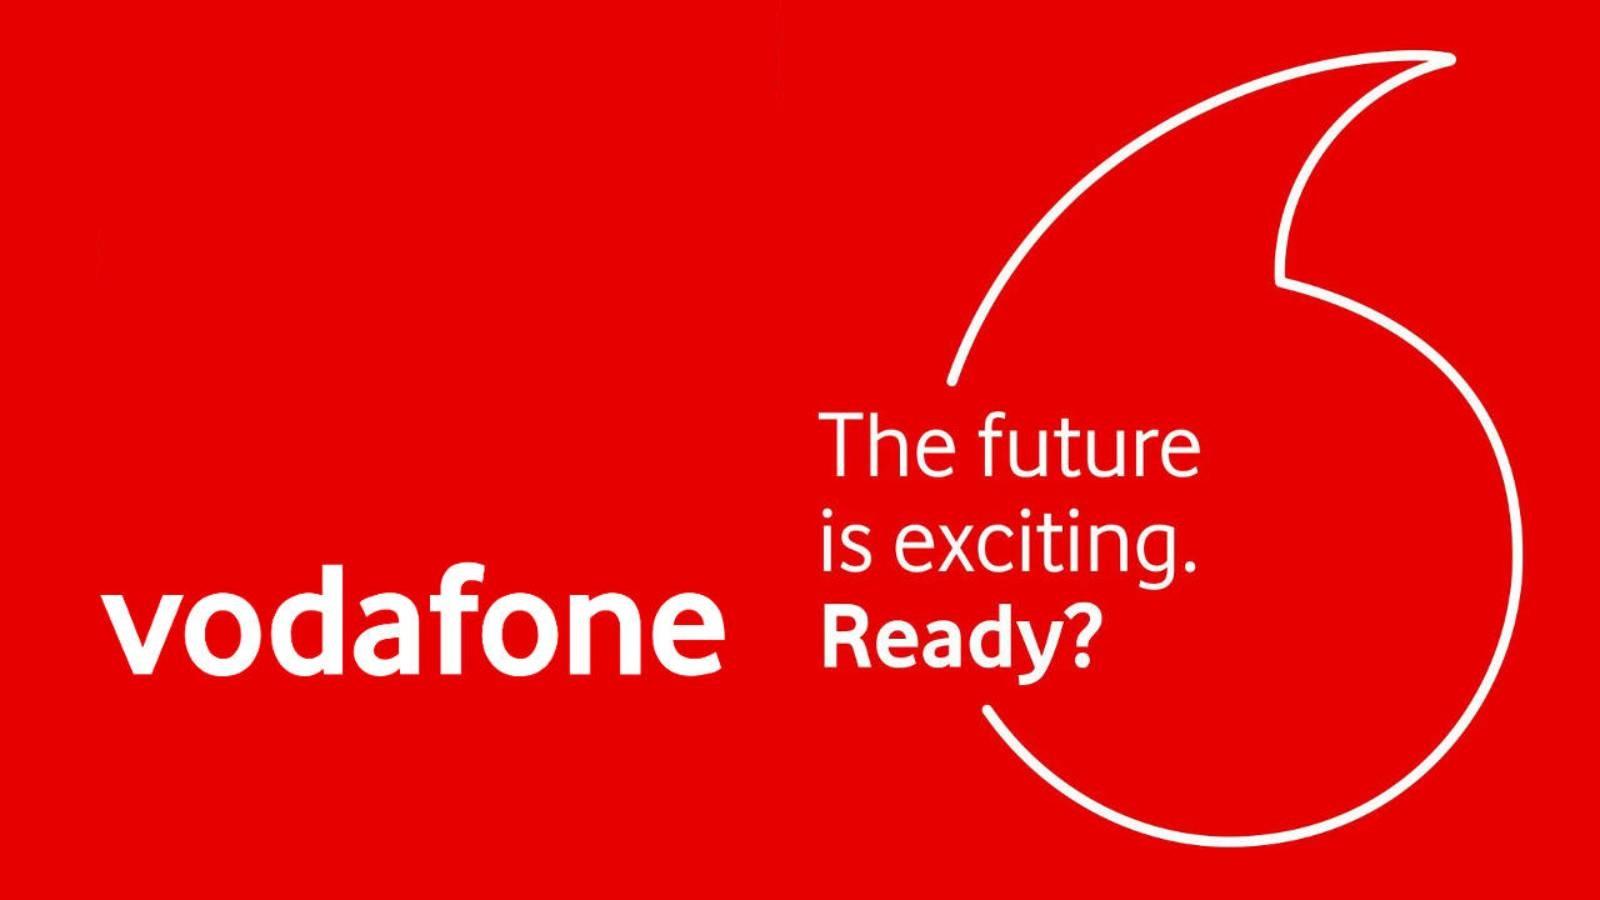 Vodafone Incepe 2020 cu Aceste REDUCERI MARI pentru Telefoane Mobile